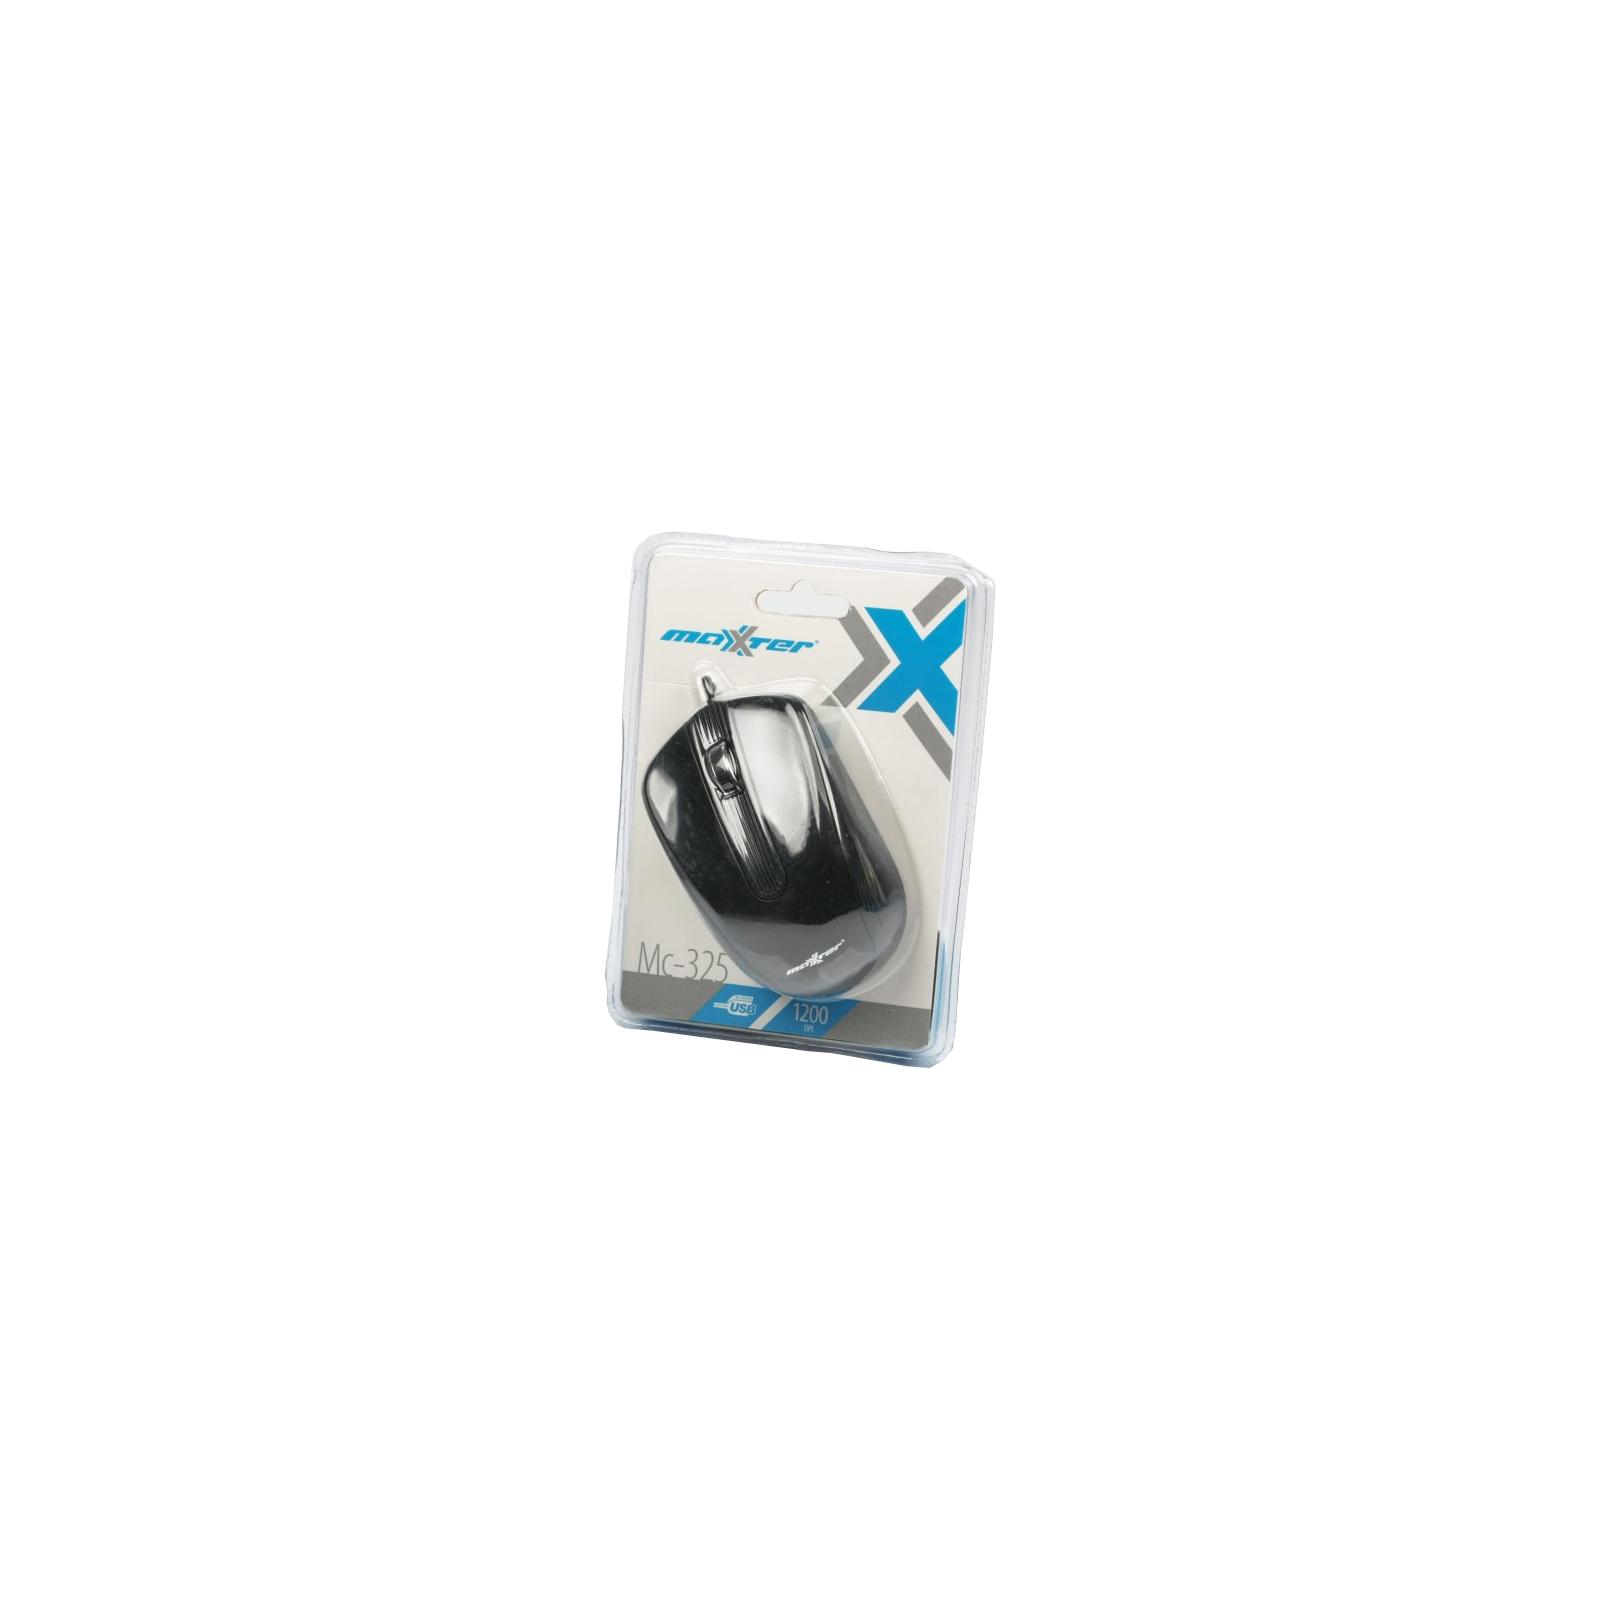 Мышка Maxxter Mc-325 изображение 4